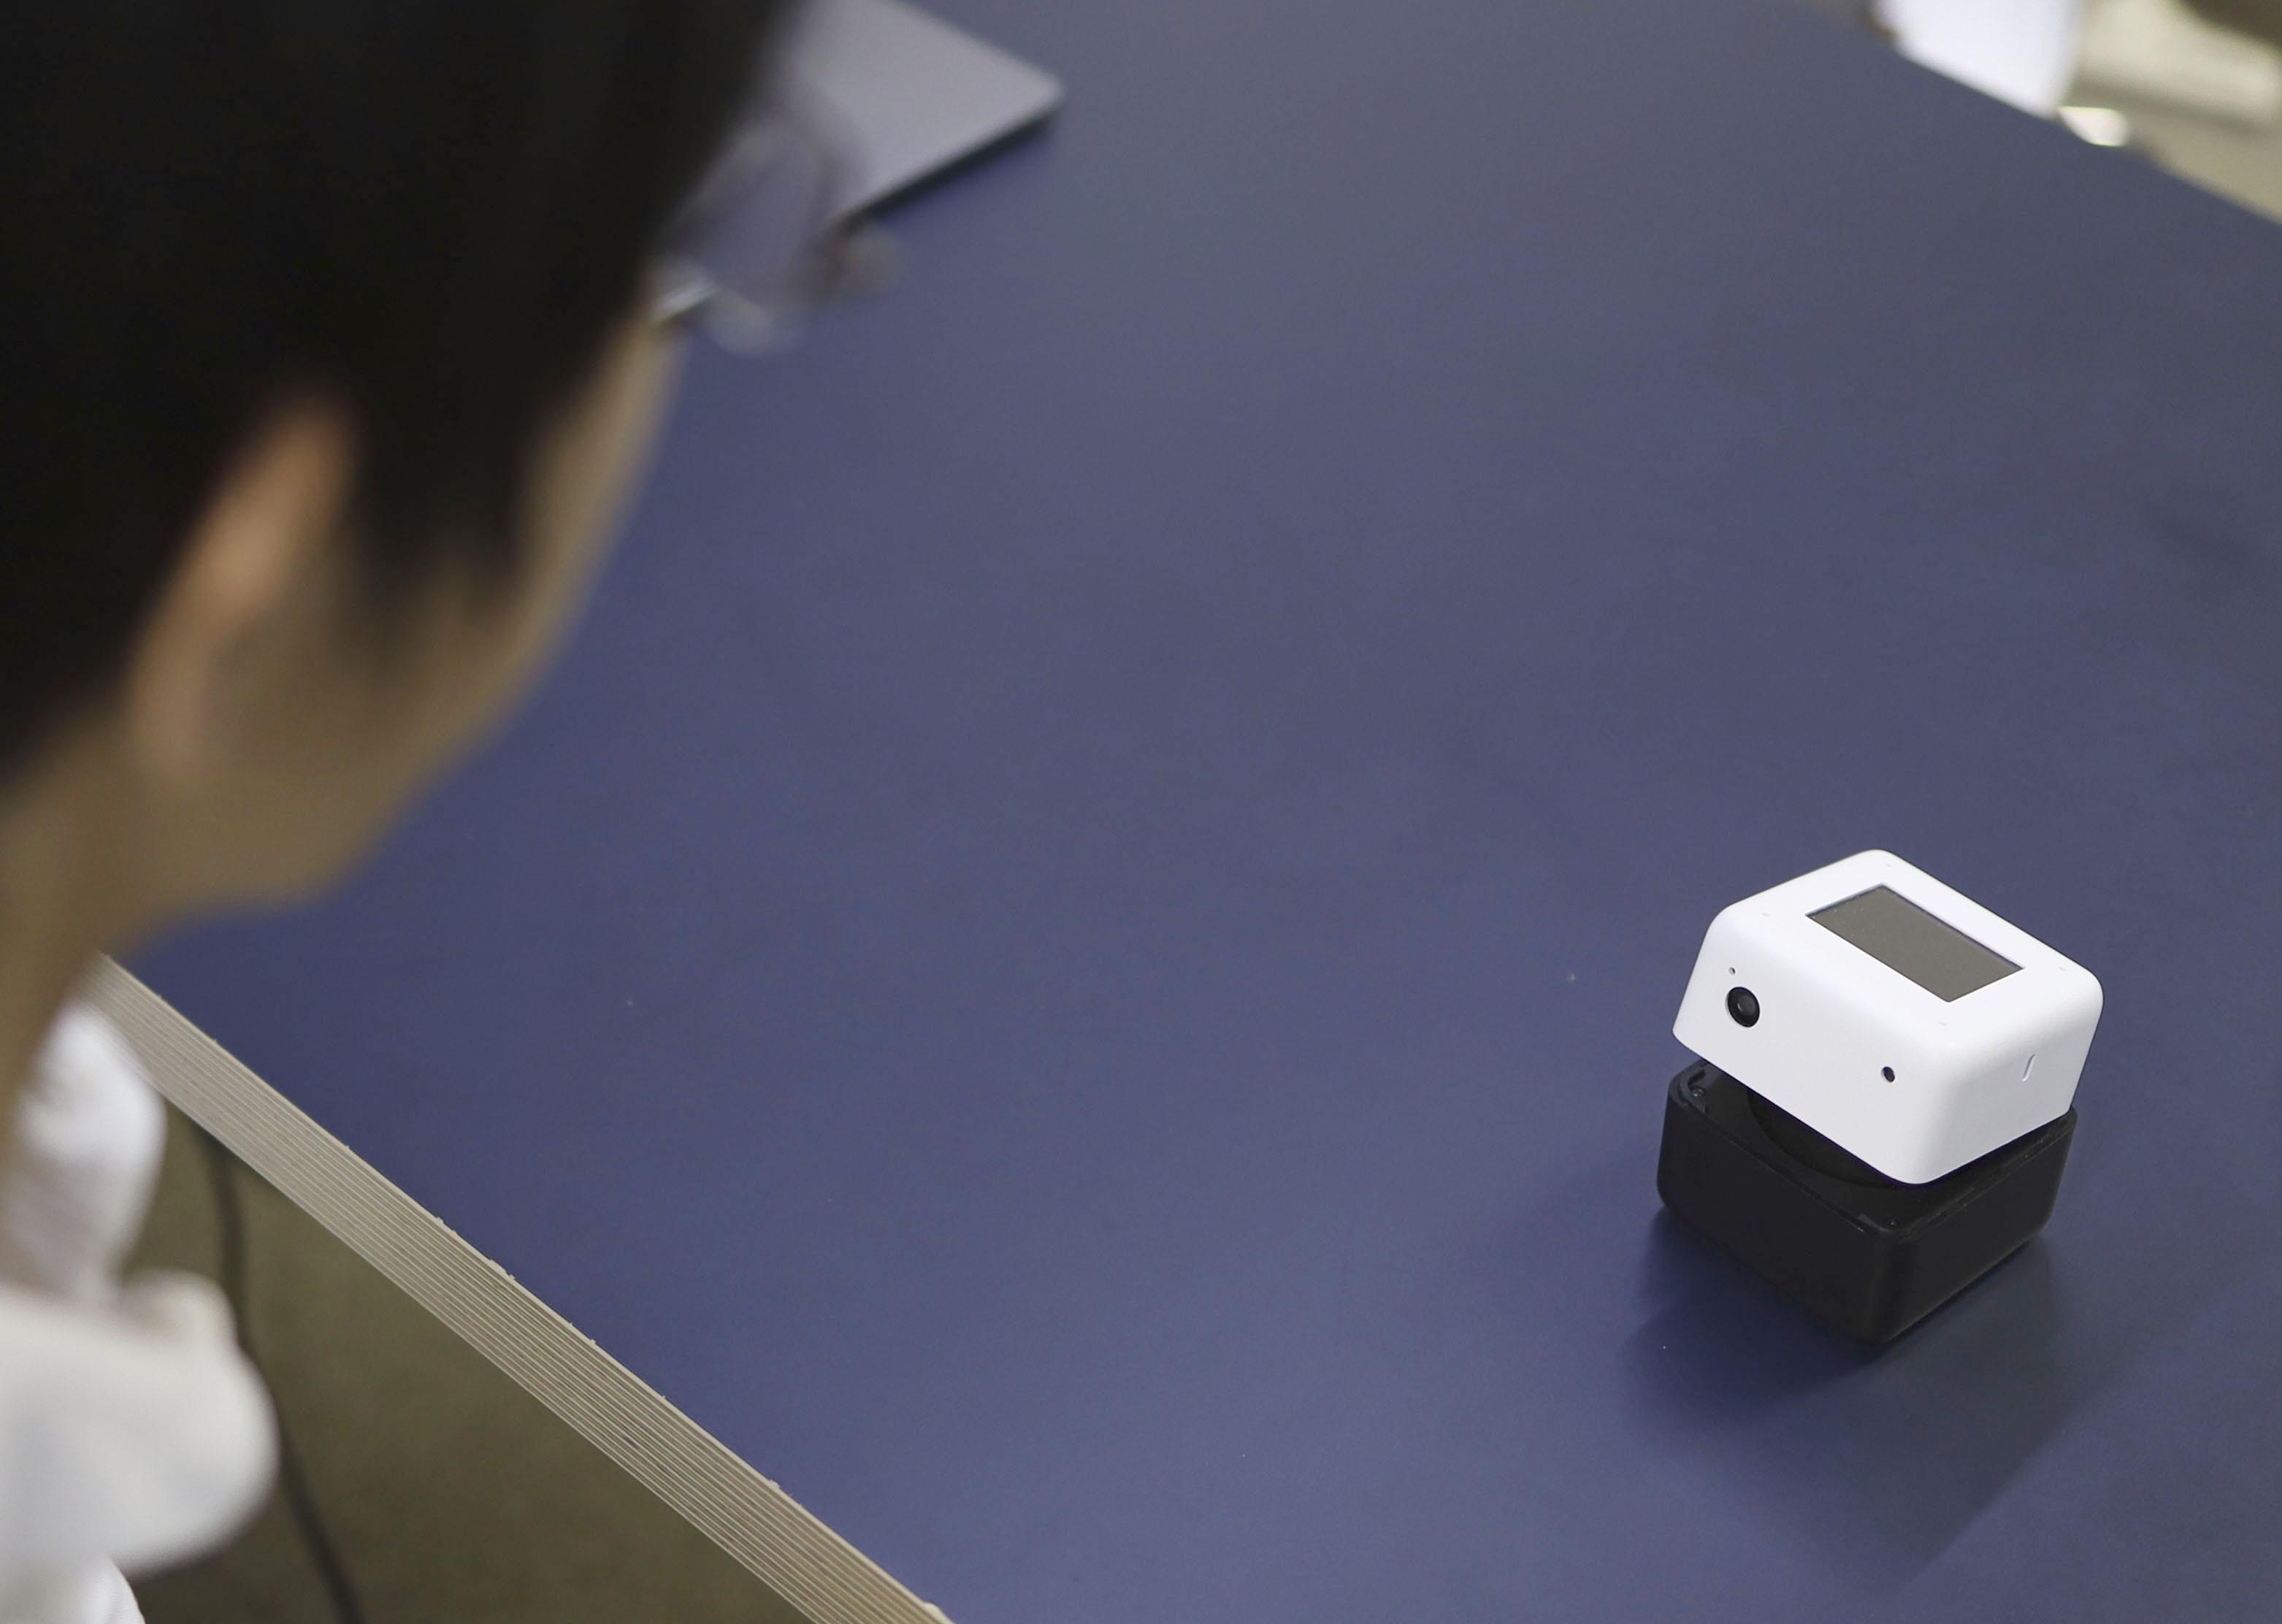 手のひらサイズのロボが接客 コロナ対策、注文や決済に検温も